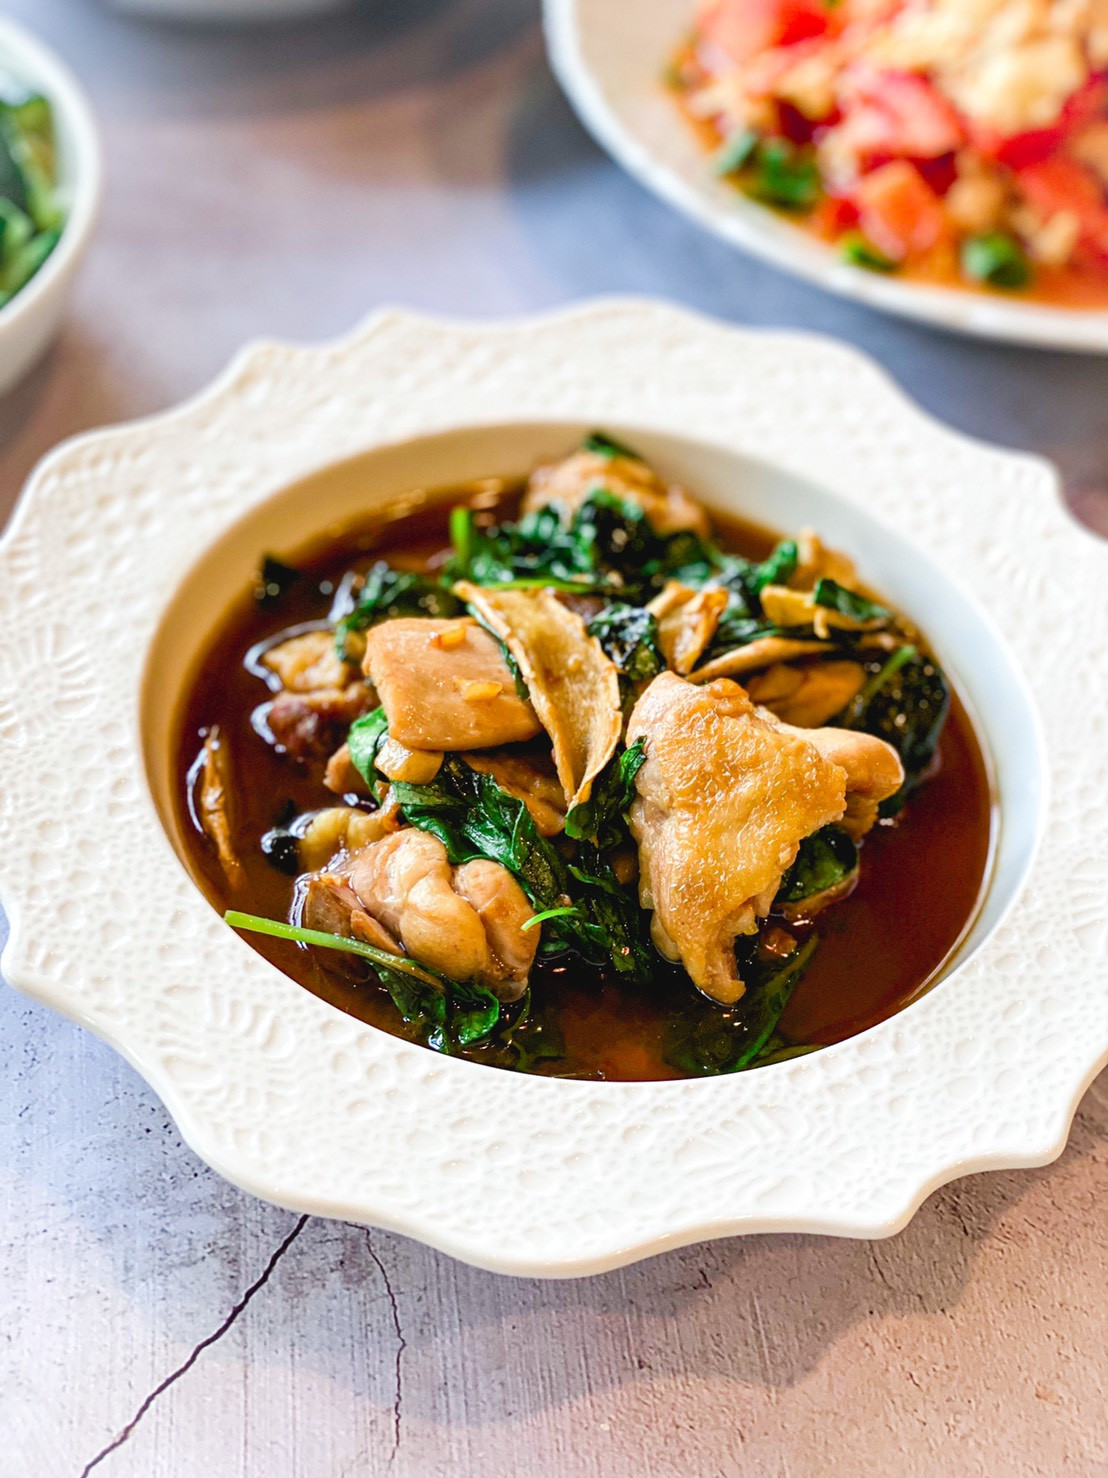 家常菜系列-台式三杯雞